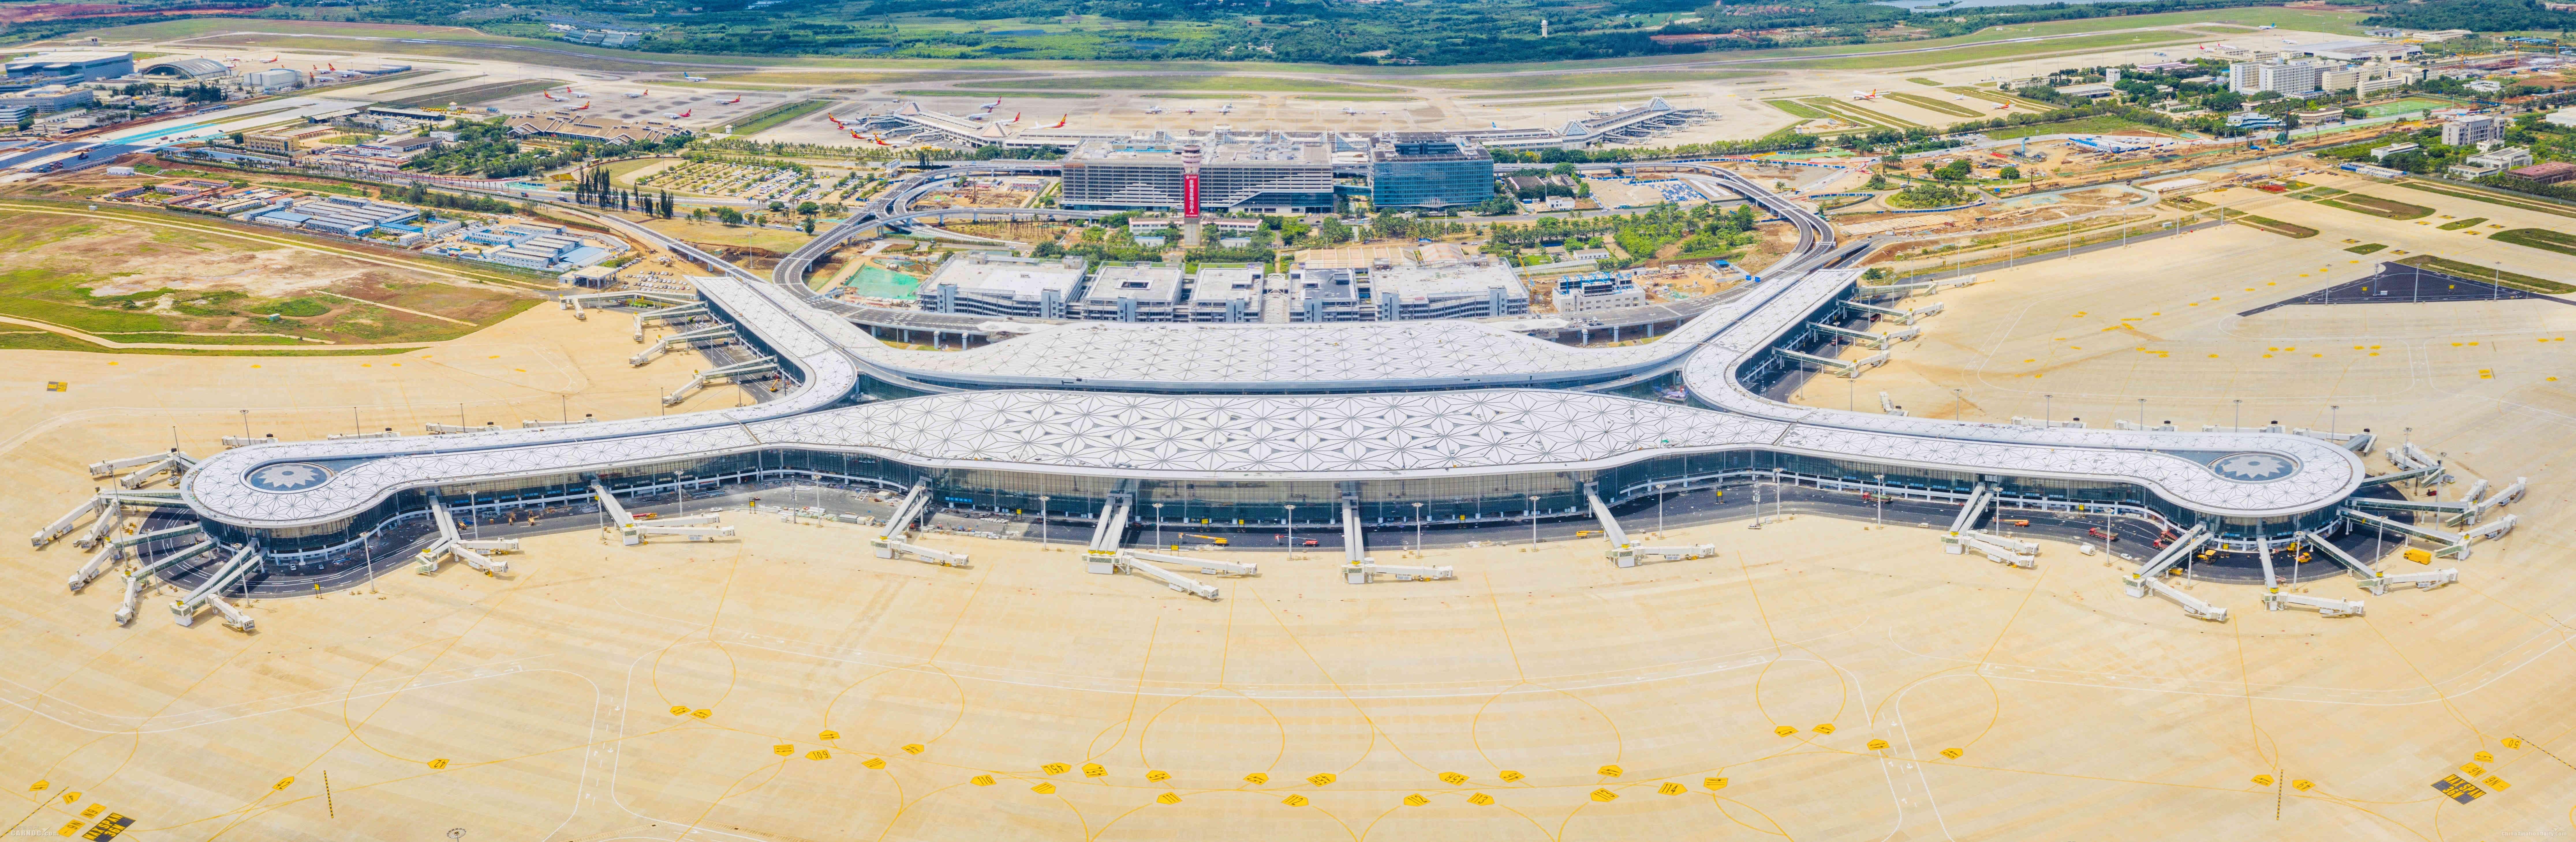 海南自贸港新门户绽放在即!海口美兰机场二期扩建项目主体工程完工